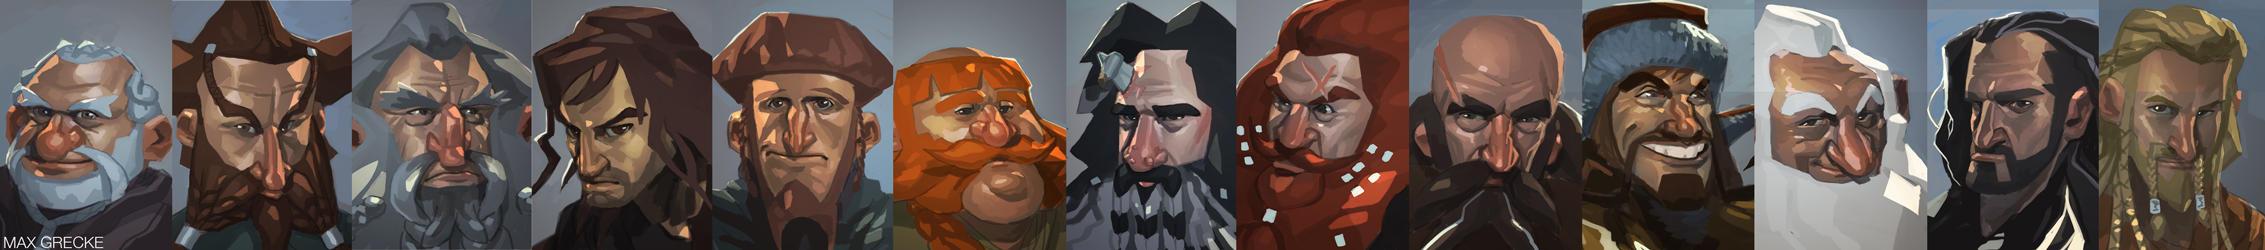 THE HOBBIT: all 13 dwarves